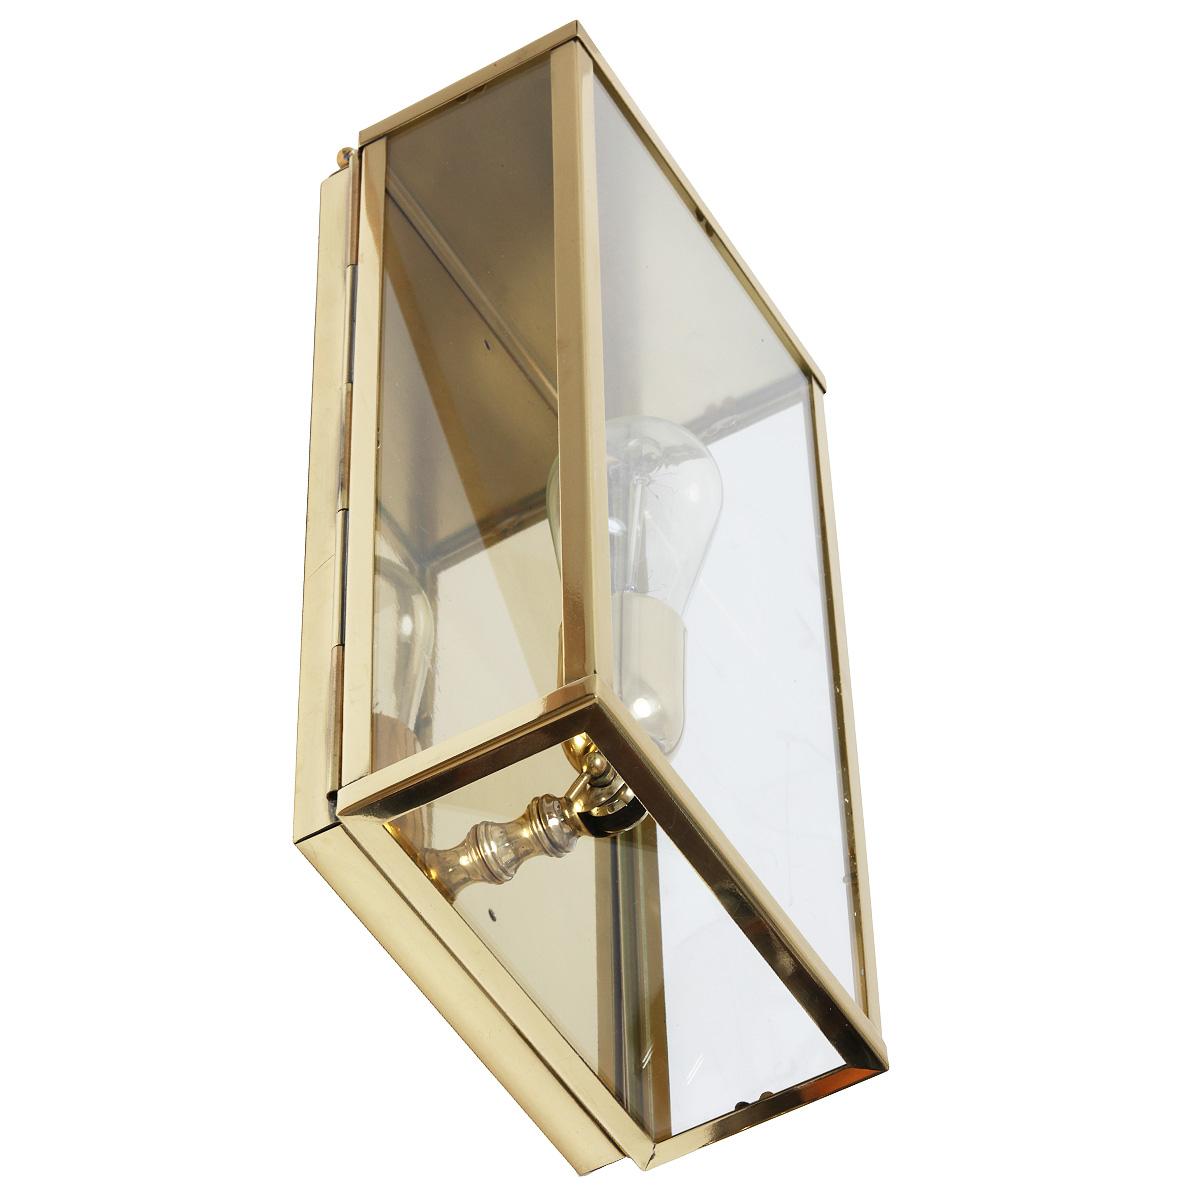 kassetten wandleuchte vitrine 1ln in bronze chrom und nickel terra lumi. Black Bedroom Furniture Sets. Home Design Ideas